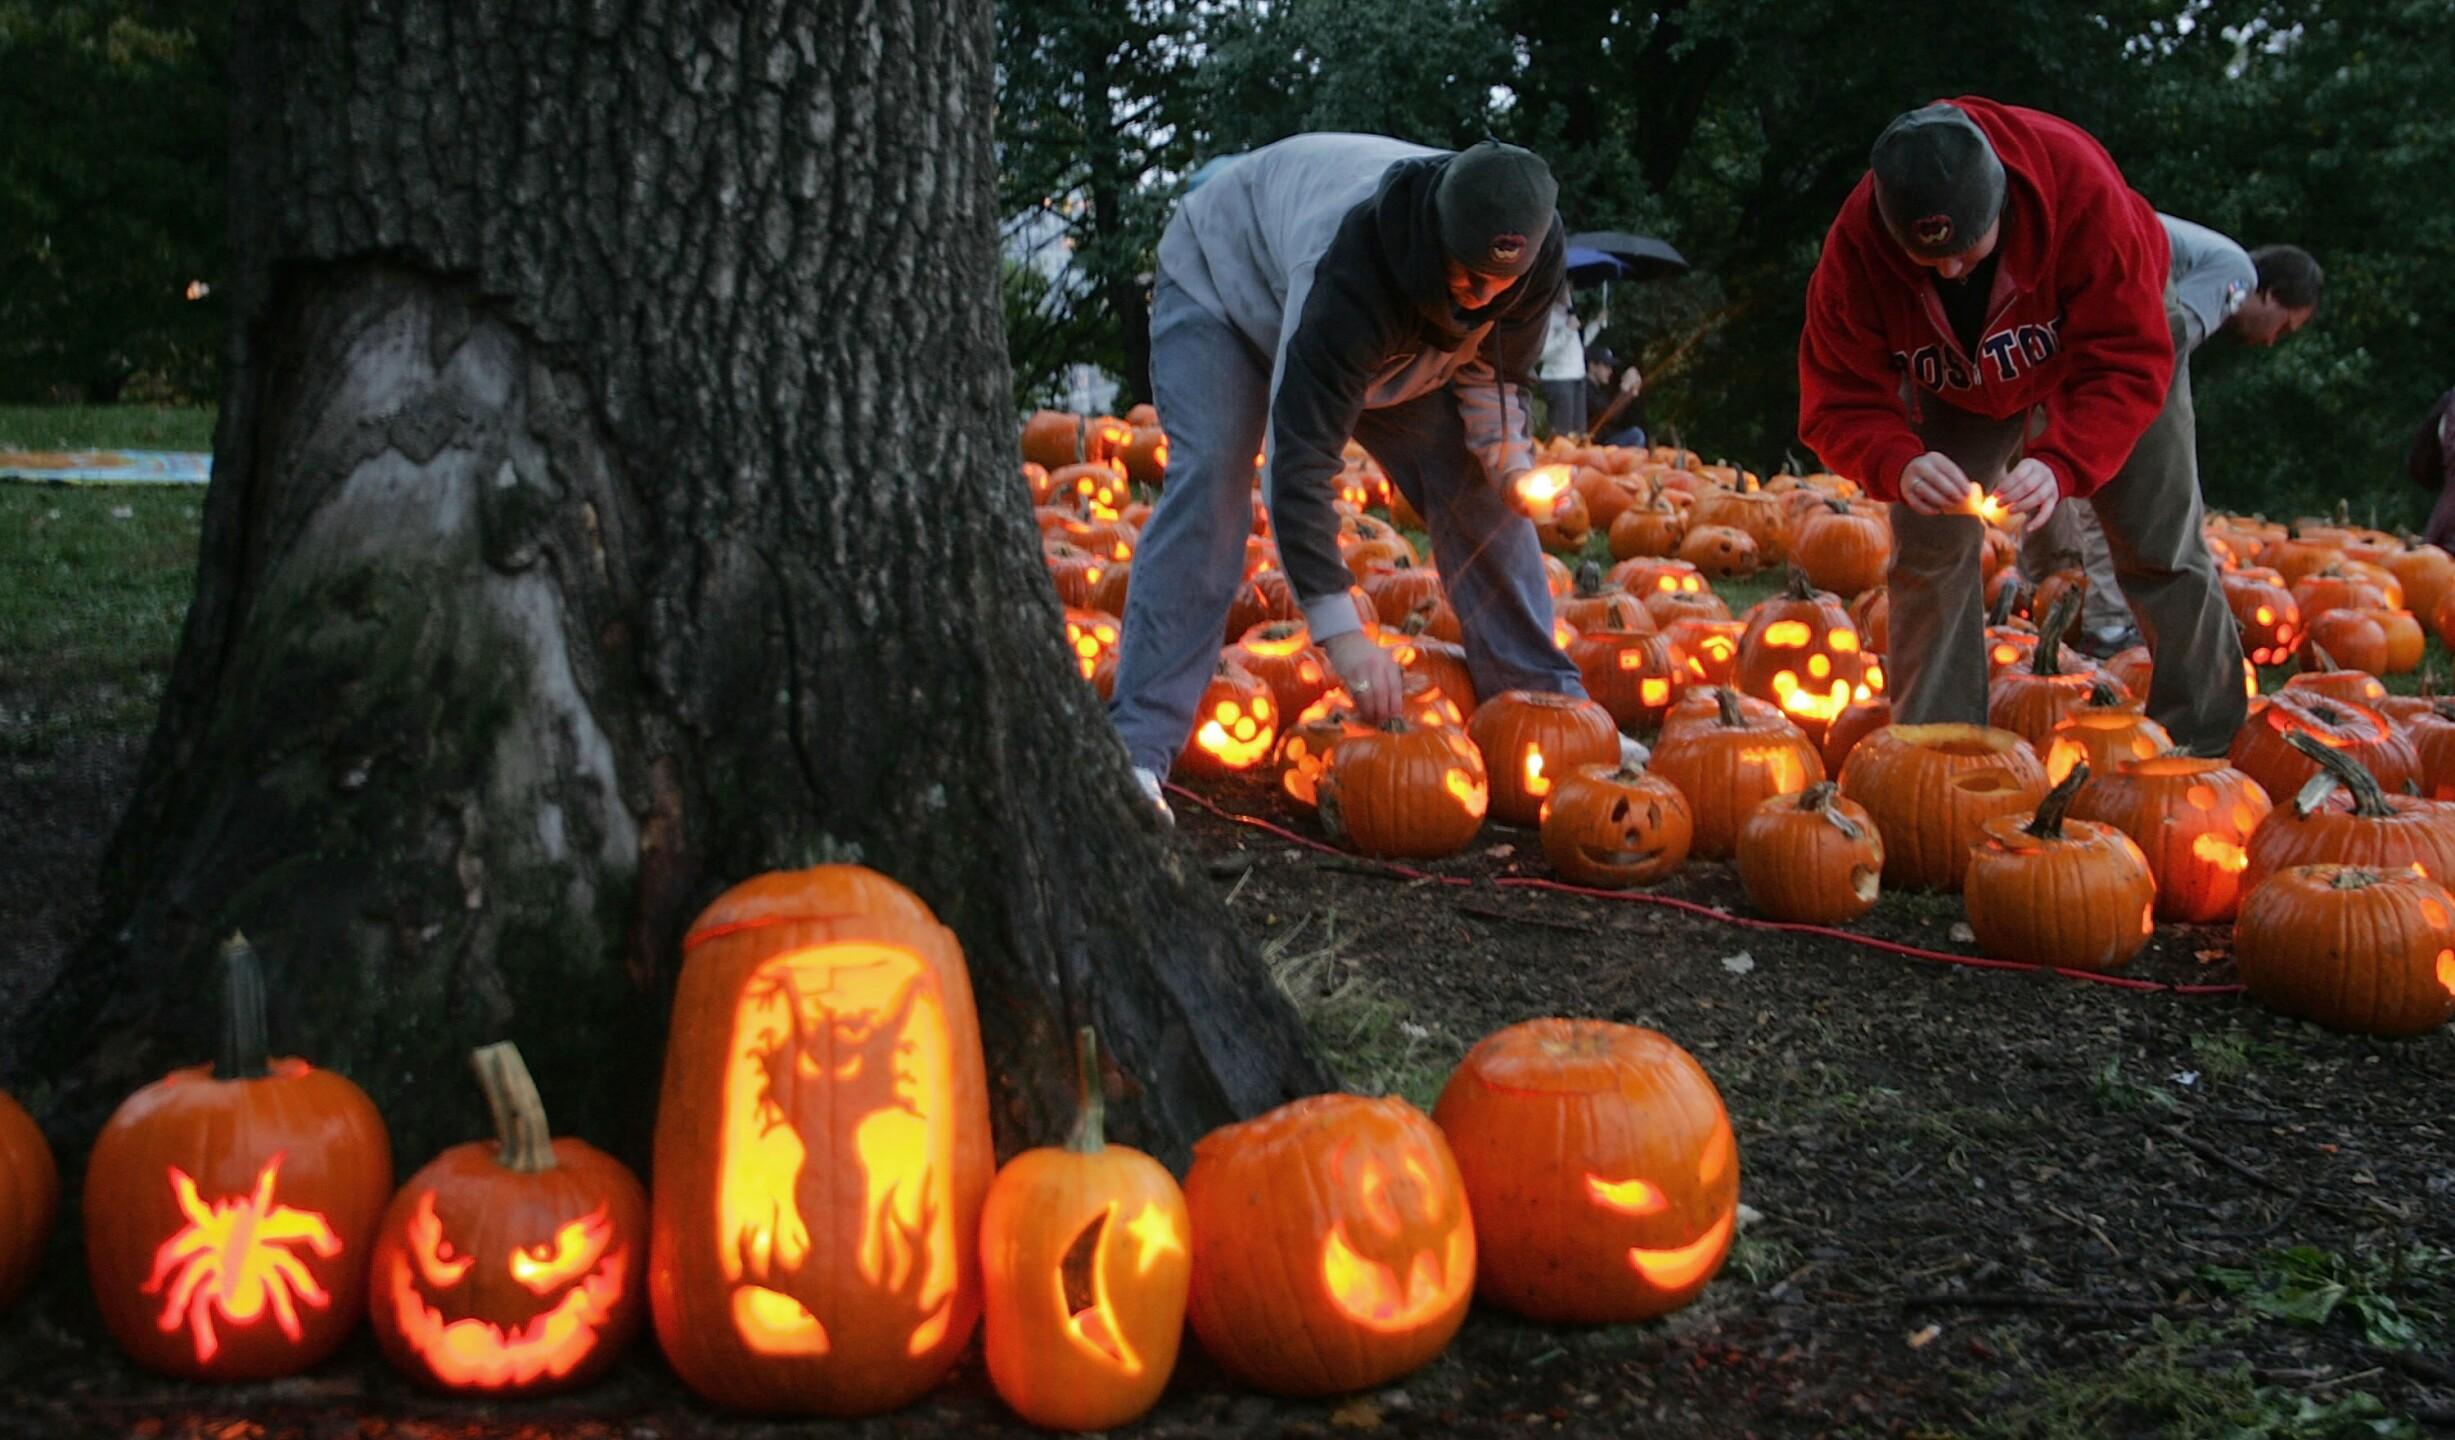 Boston Holds Pumpkin Festival